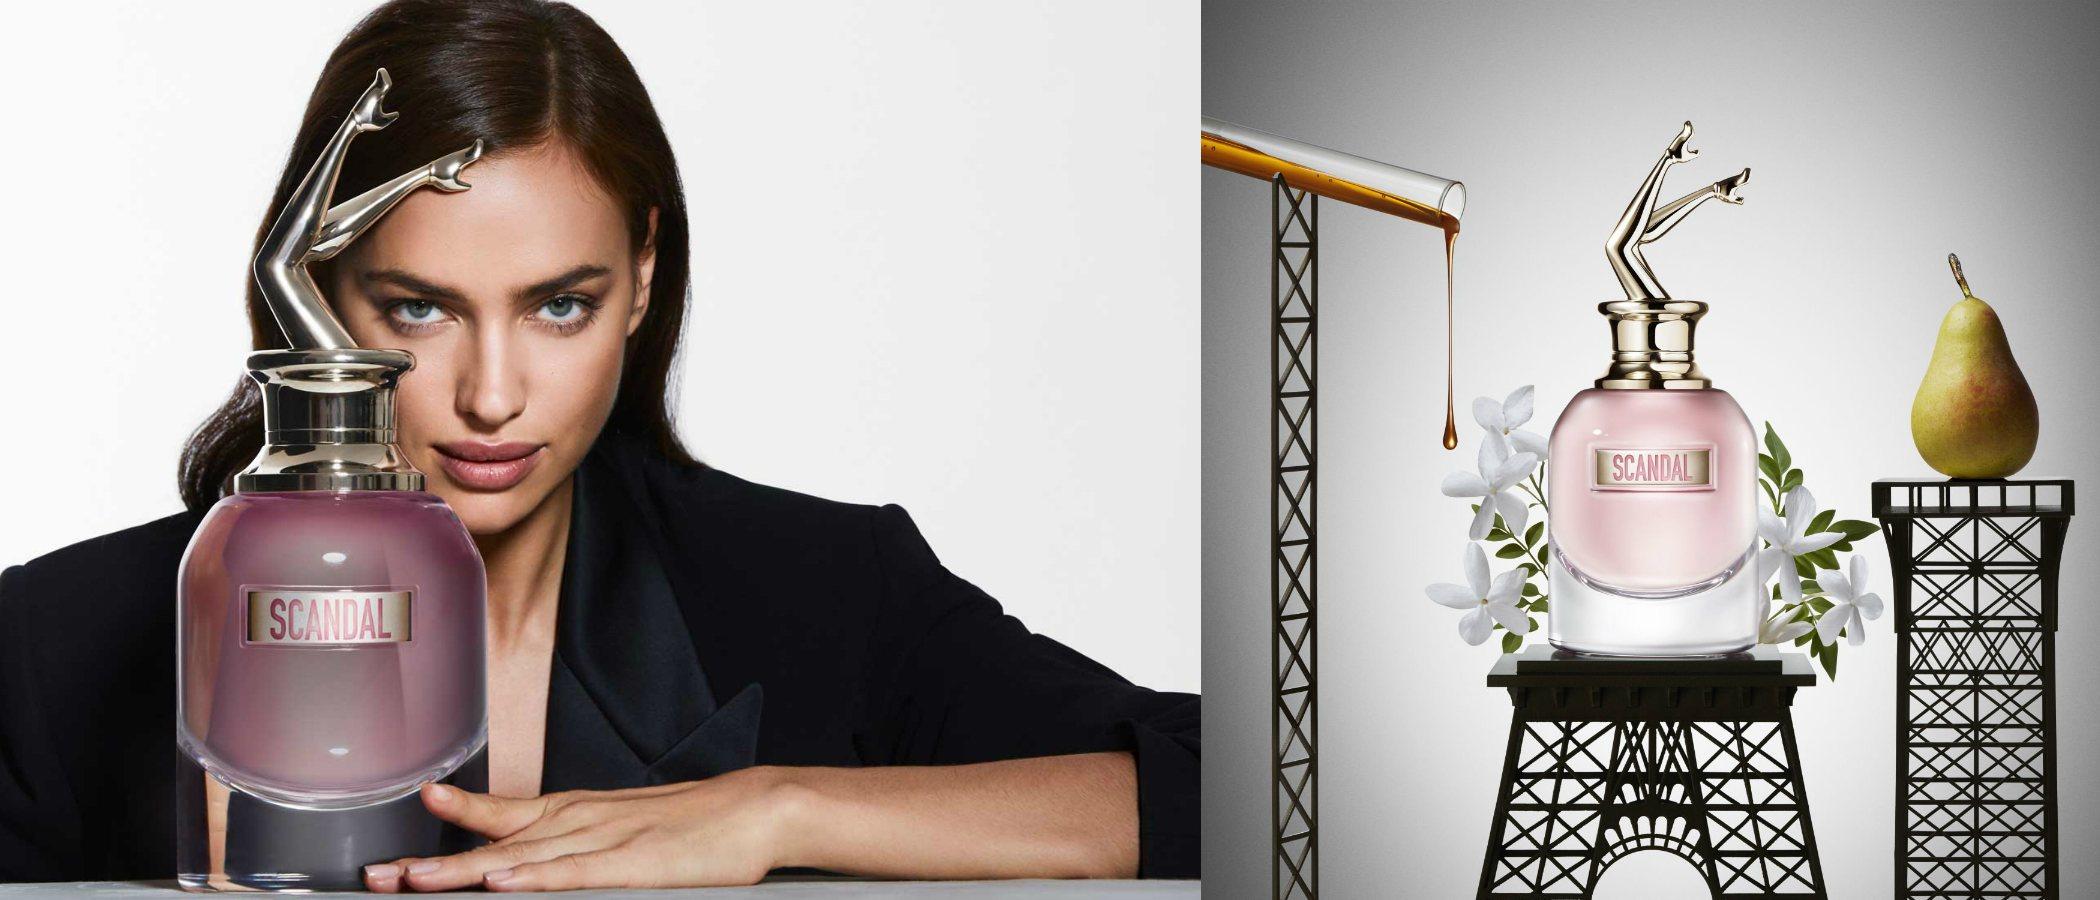 Jean Paul Gaultier lanza 'Scandal à Paris', la versión Eau de Toilette de su último perfume para mujer